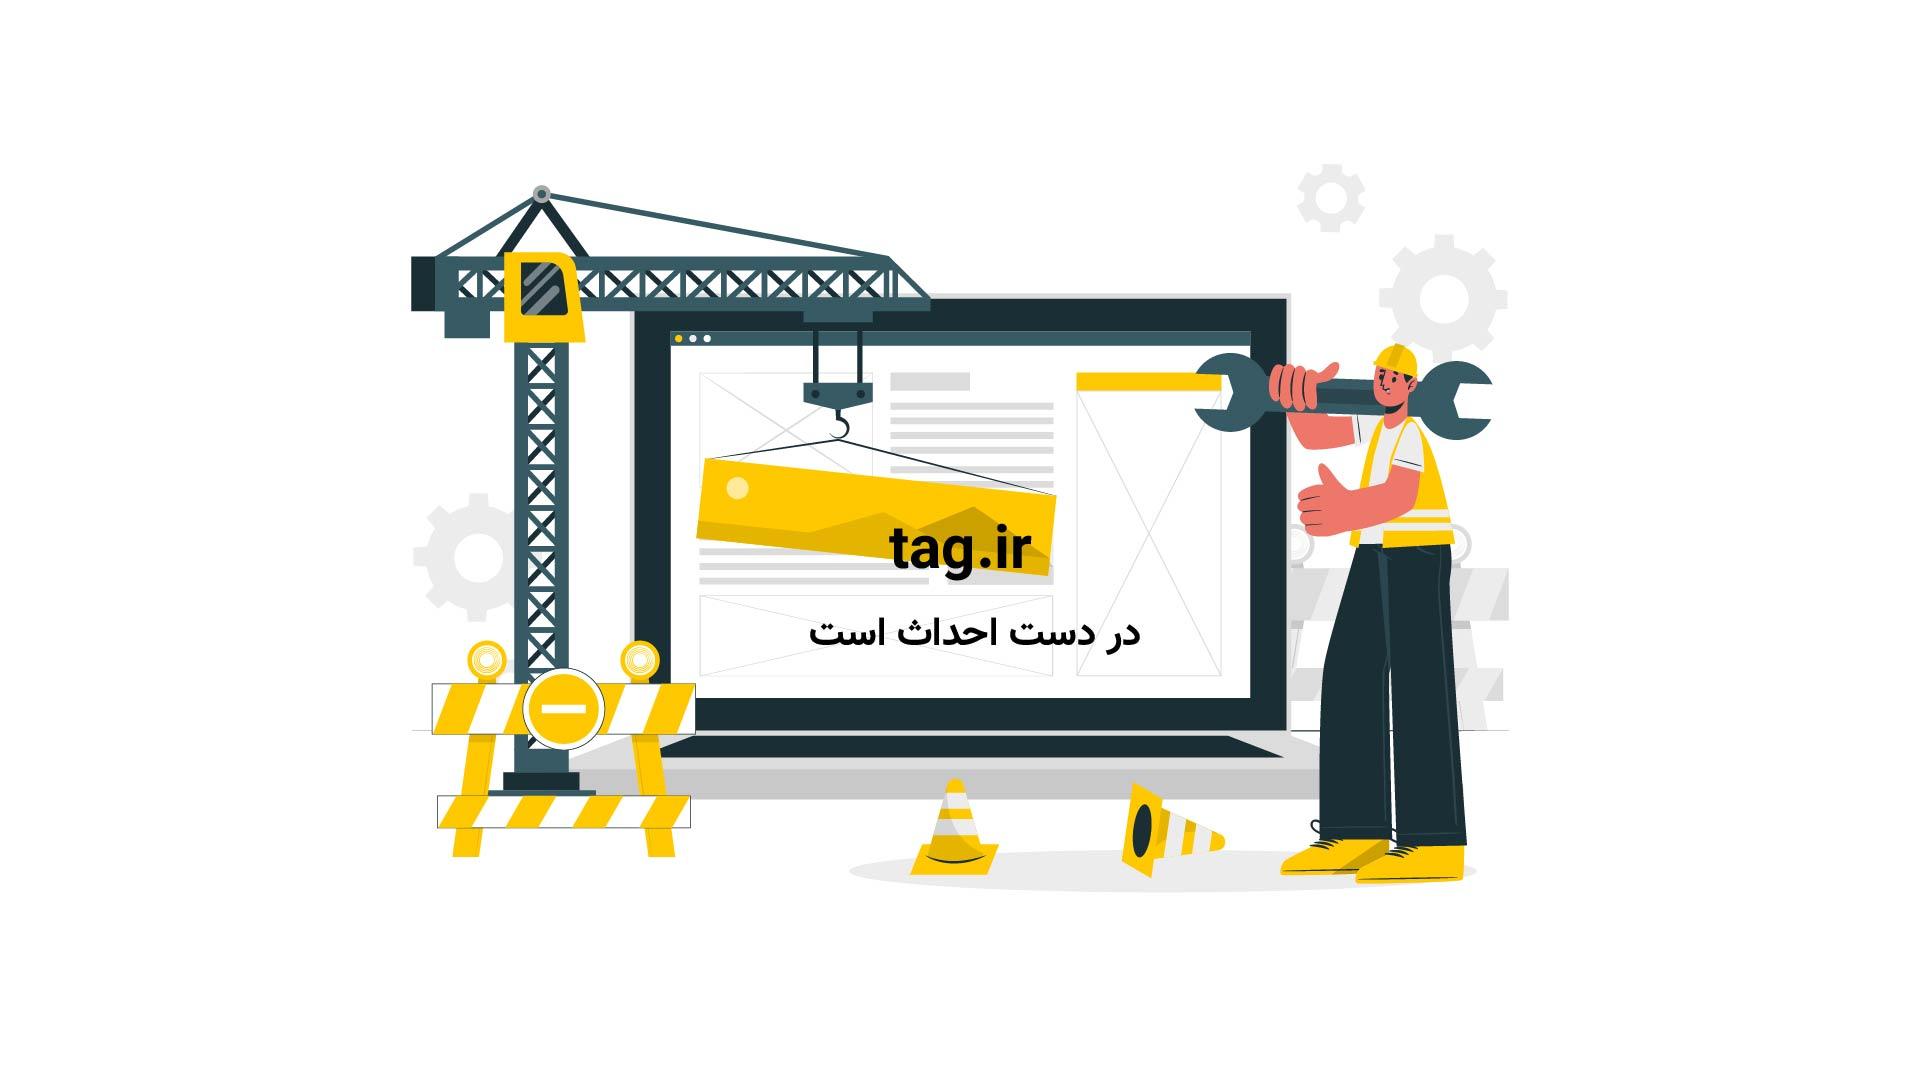 حیات وحش آفریقا | تگ